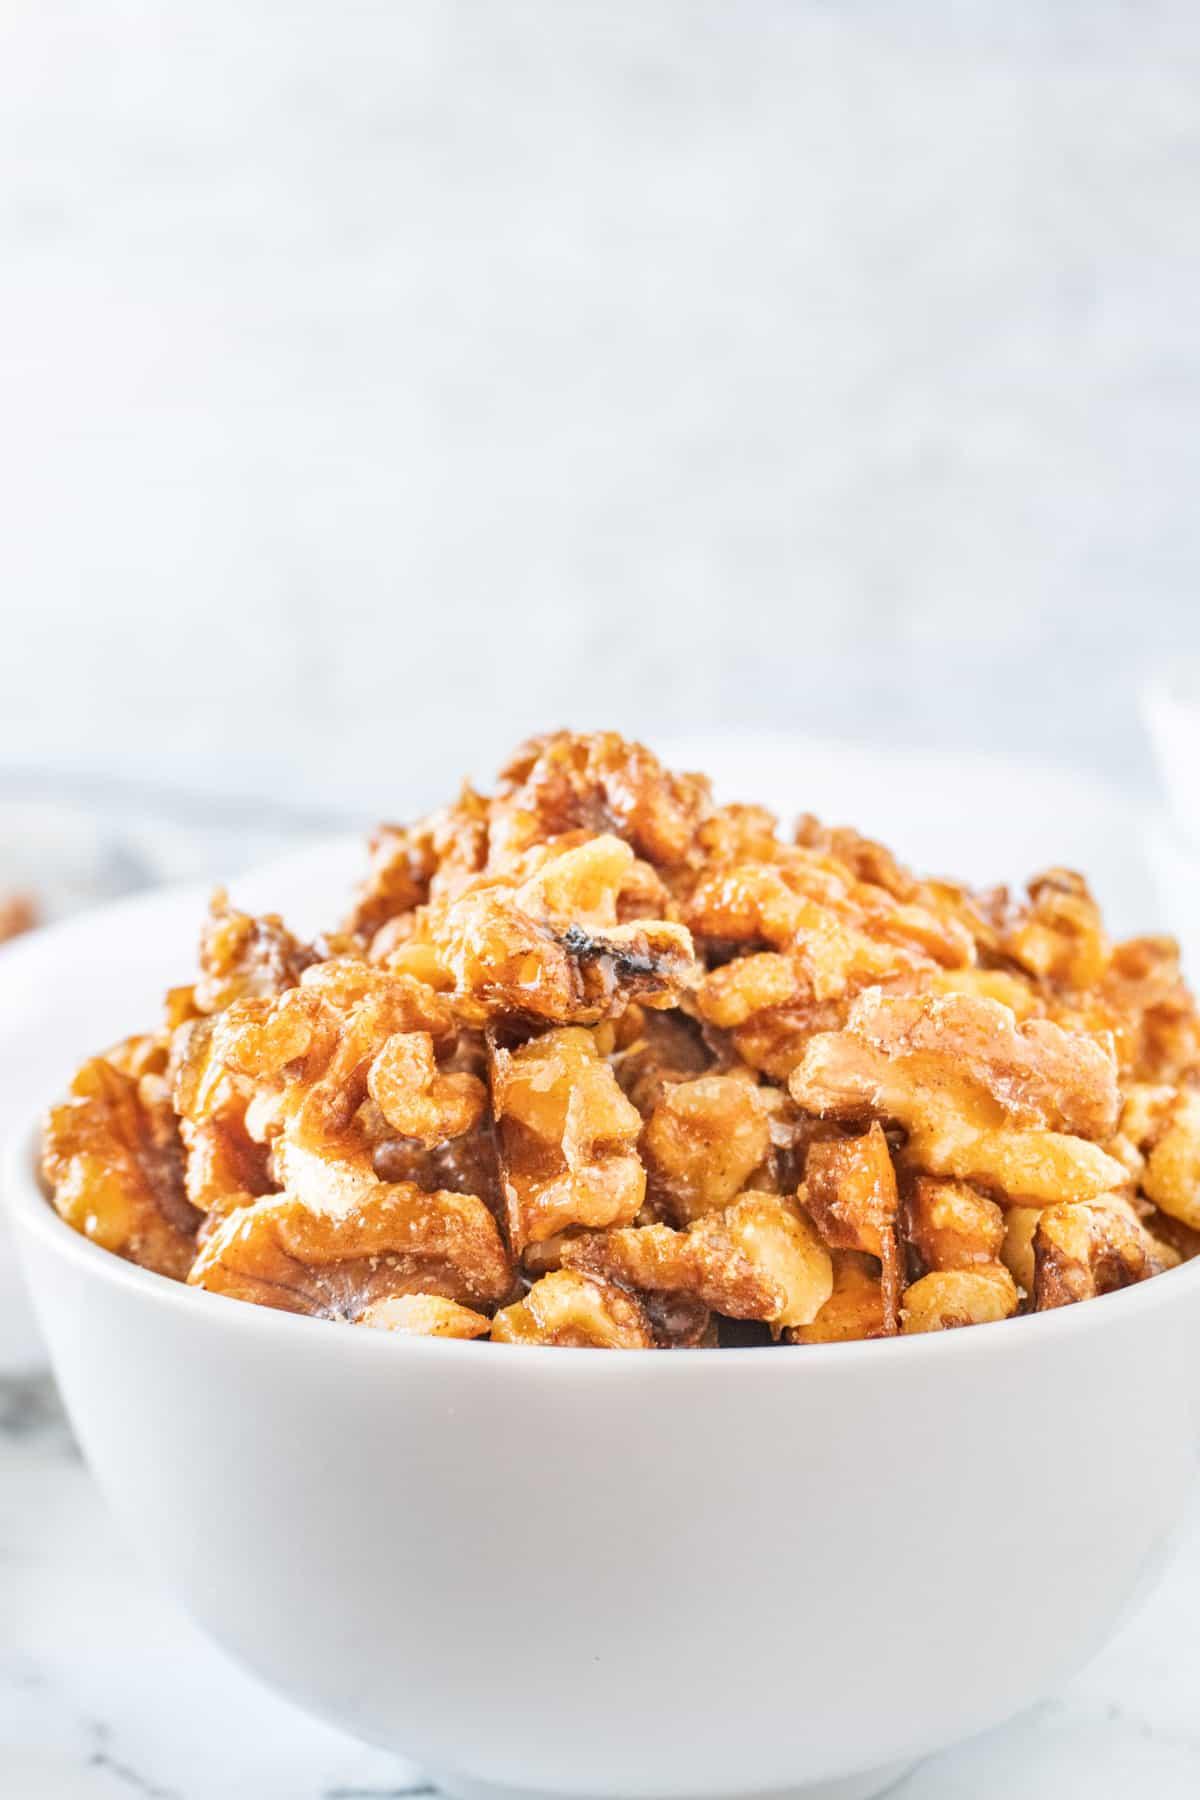 Candied Walnut